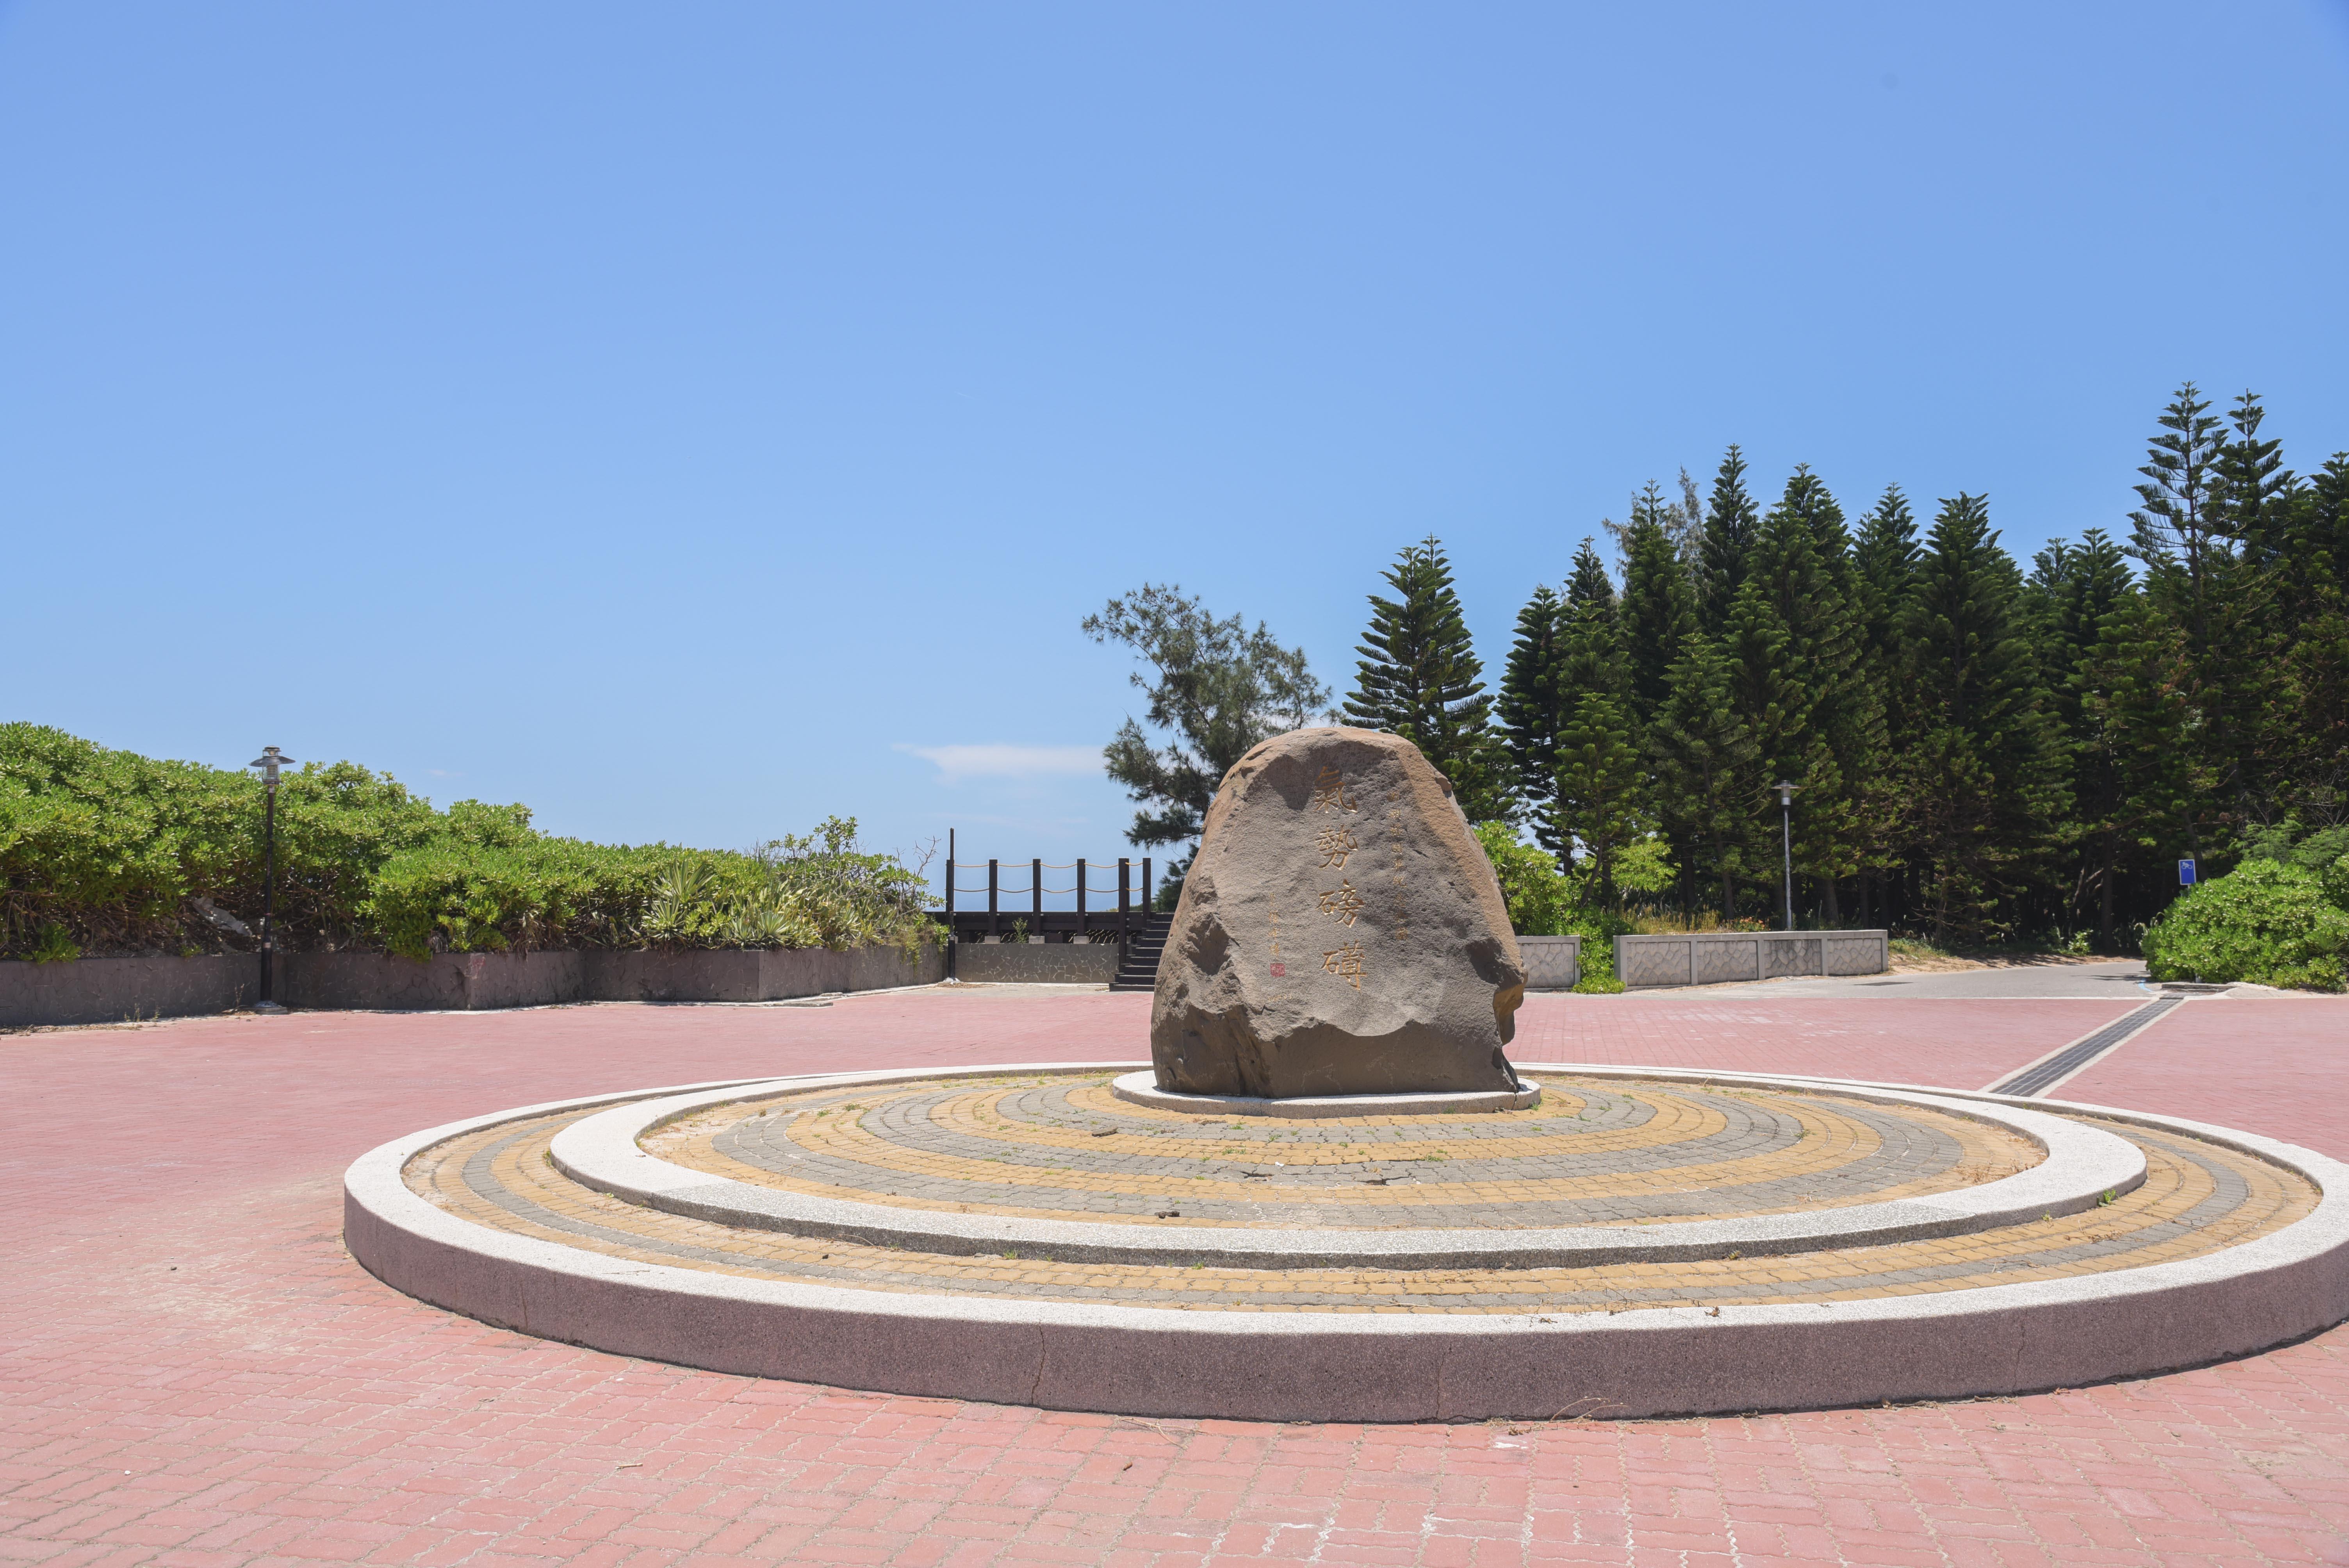 澎湖県軍人忠靈祠の石碑